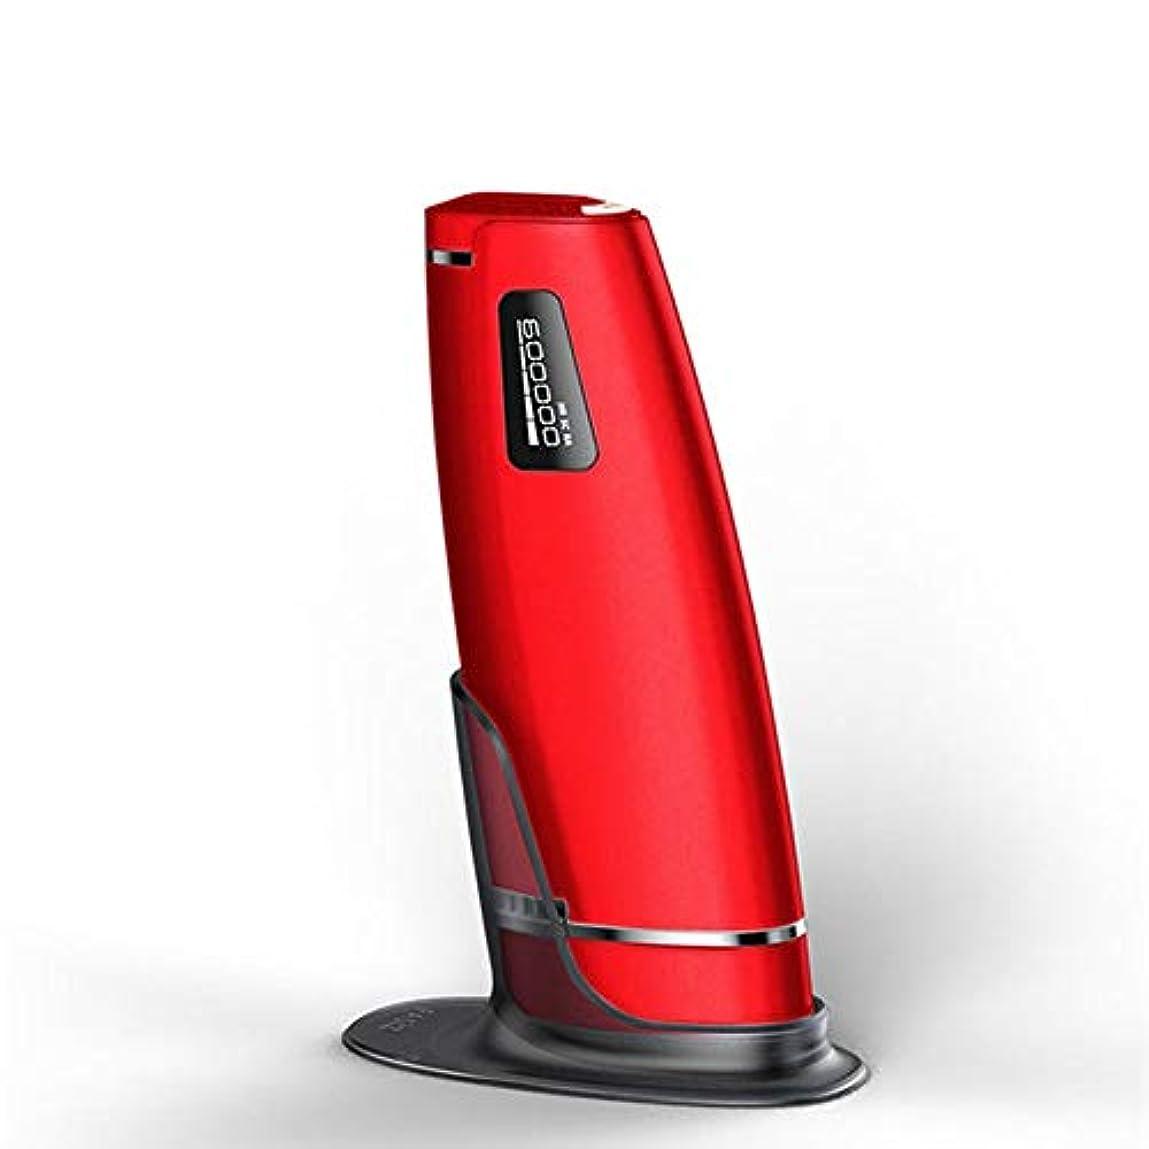 ダパイ 赤、デュアルモード、ホームオートマチック無痛脱毛剤、携帯用永久脱毛剤、5スピード調整、サイズ20.5 X 4.5 X 7 Cm U546 (Color : Red)